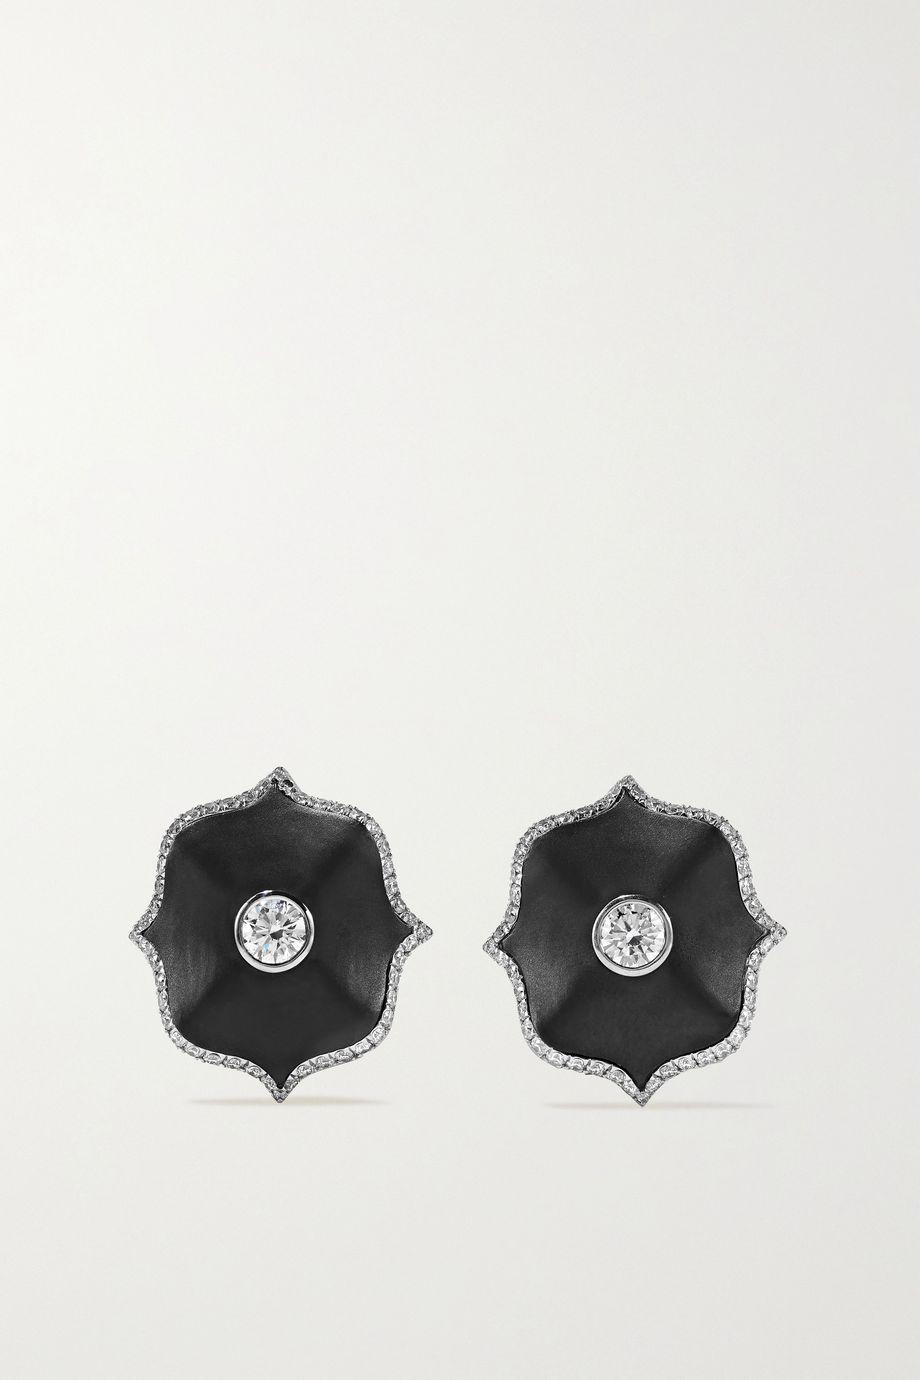 Bayco Platinum, diamond and ceramic earrings